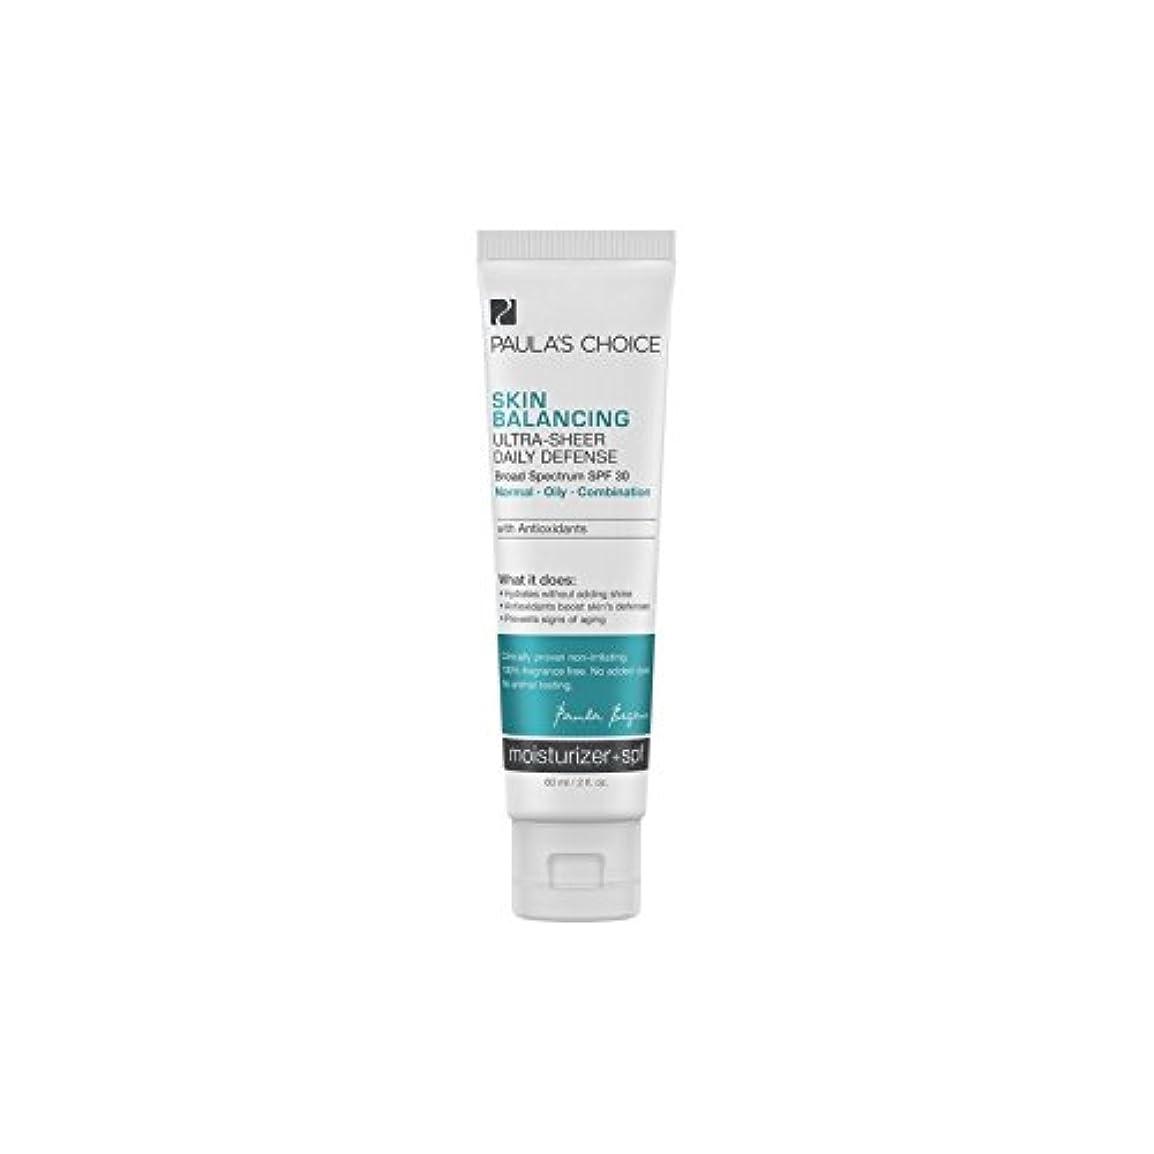 傷つきやすいマトリックススーダンPaula's Choice Skin Balancing Ultra-Sheer Daily Defense Spf30 (60ml) (Pack of 6) - ポーラチョイスの肌のバランスウルトラシアー毎日防衛30(60ミリリットル) x6 [並行輸入品]